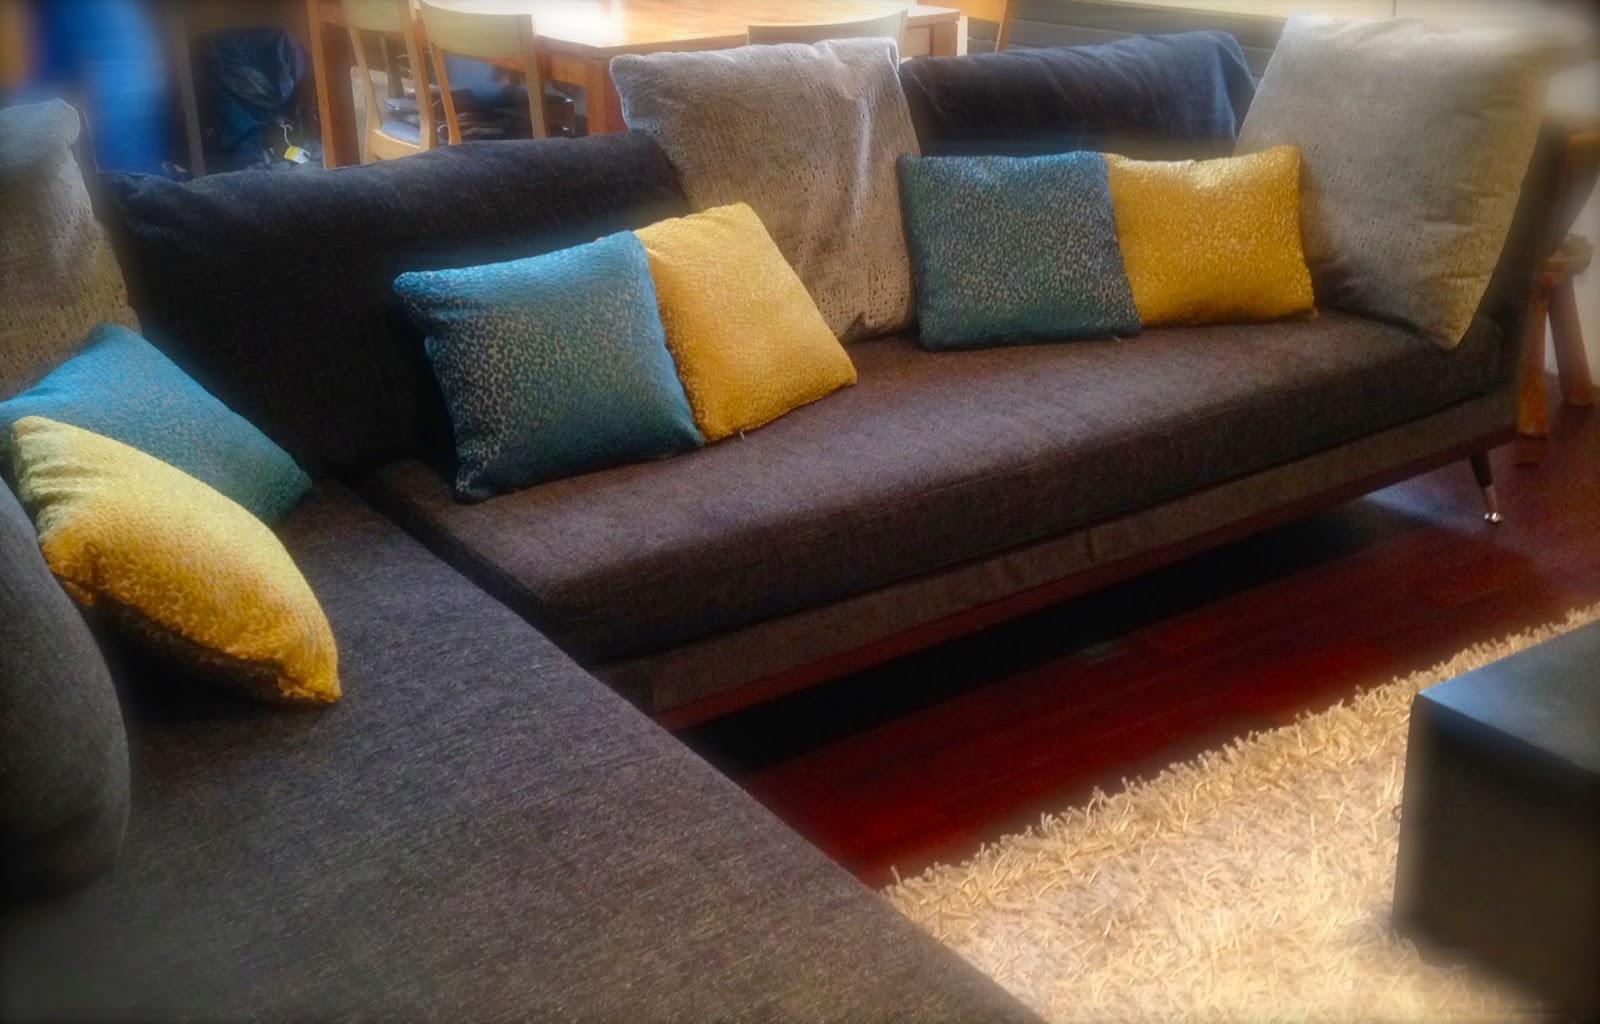 atelier anne lavit artisan tapissier d corateur 69007 lyon le canap ses coussins. Black Bedroom Furniture Sets. Home Design Ideas